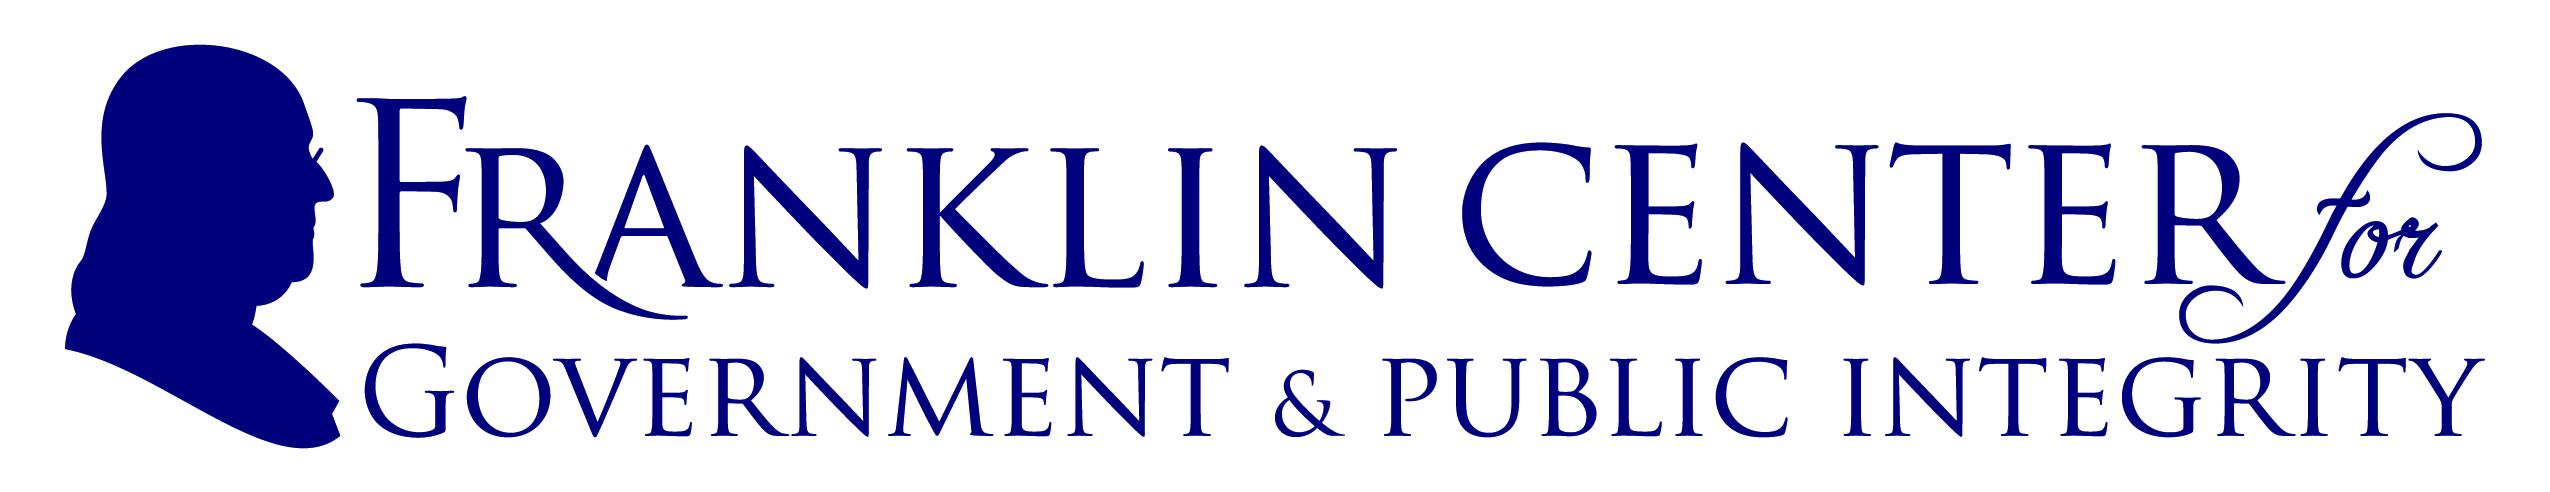 franklin center logo